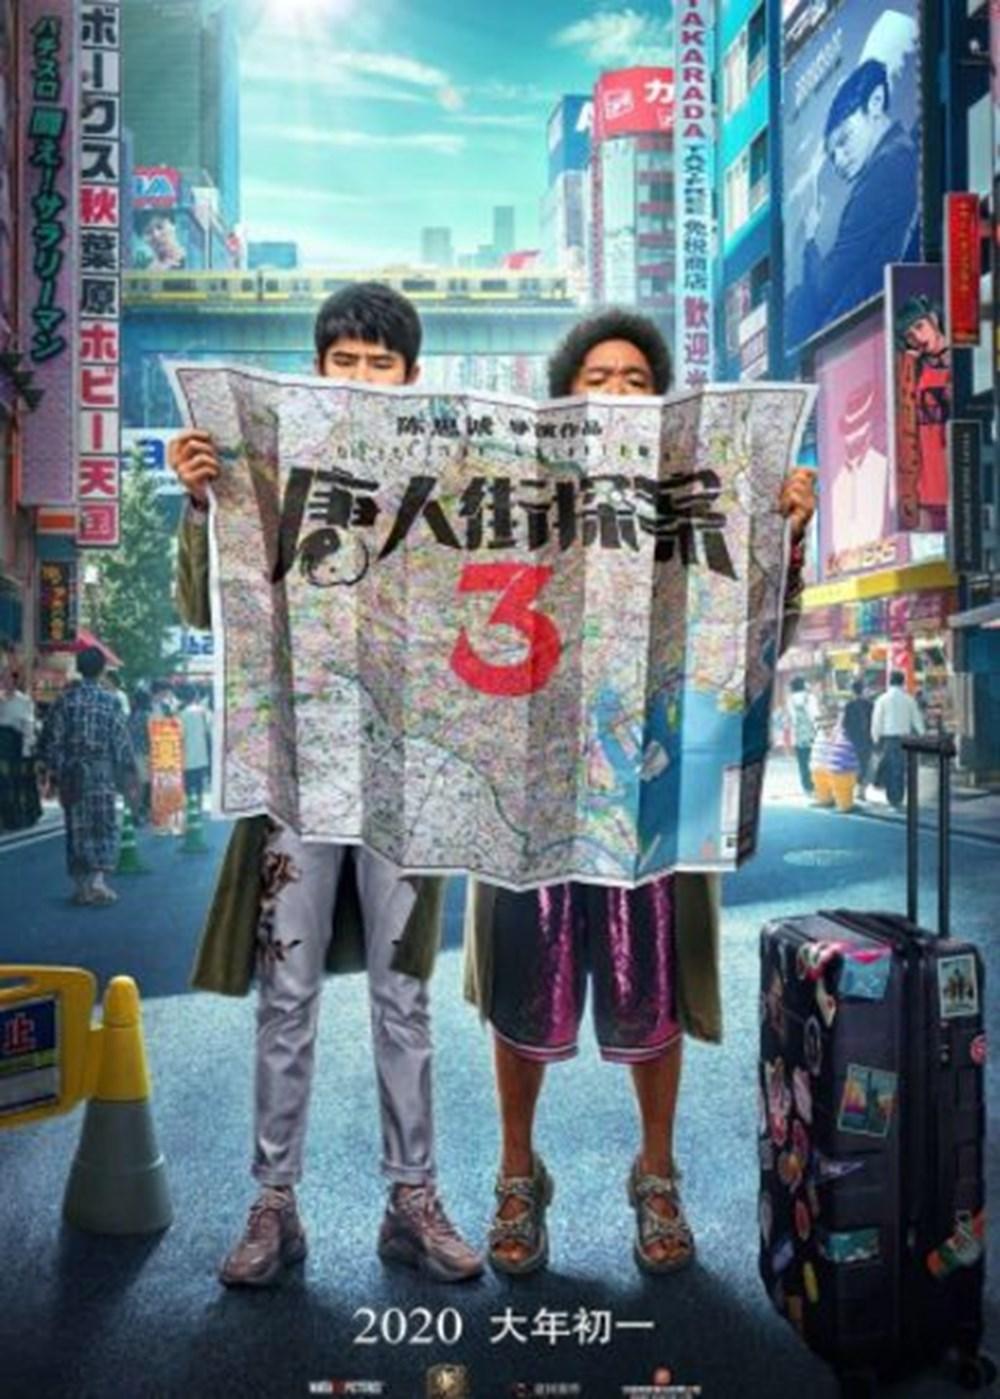 Box Office Çin: 2021'e hızlı girildi, yılbaşı hafta sonu gişe rekoru geldi - 3